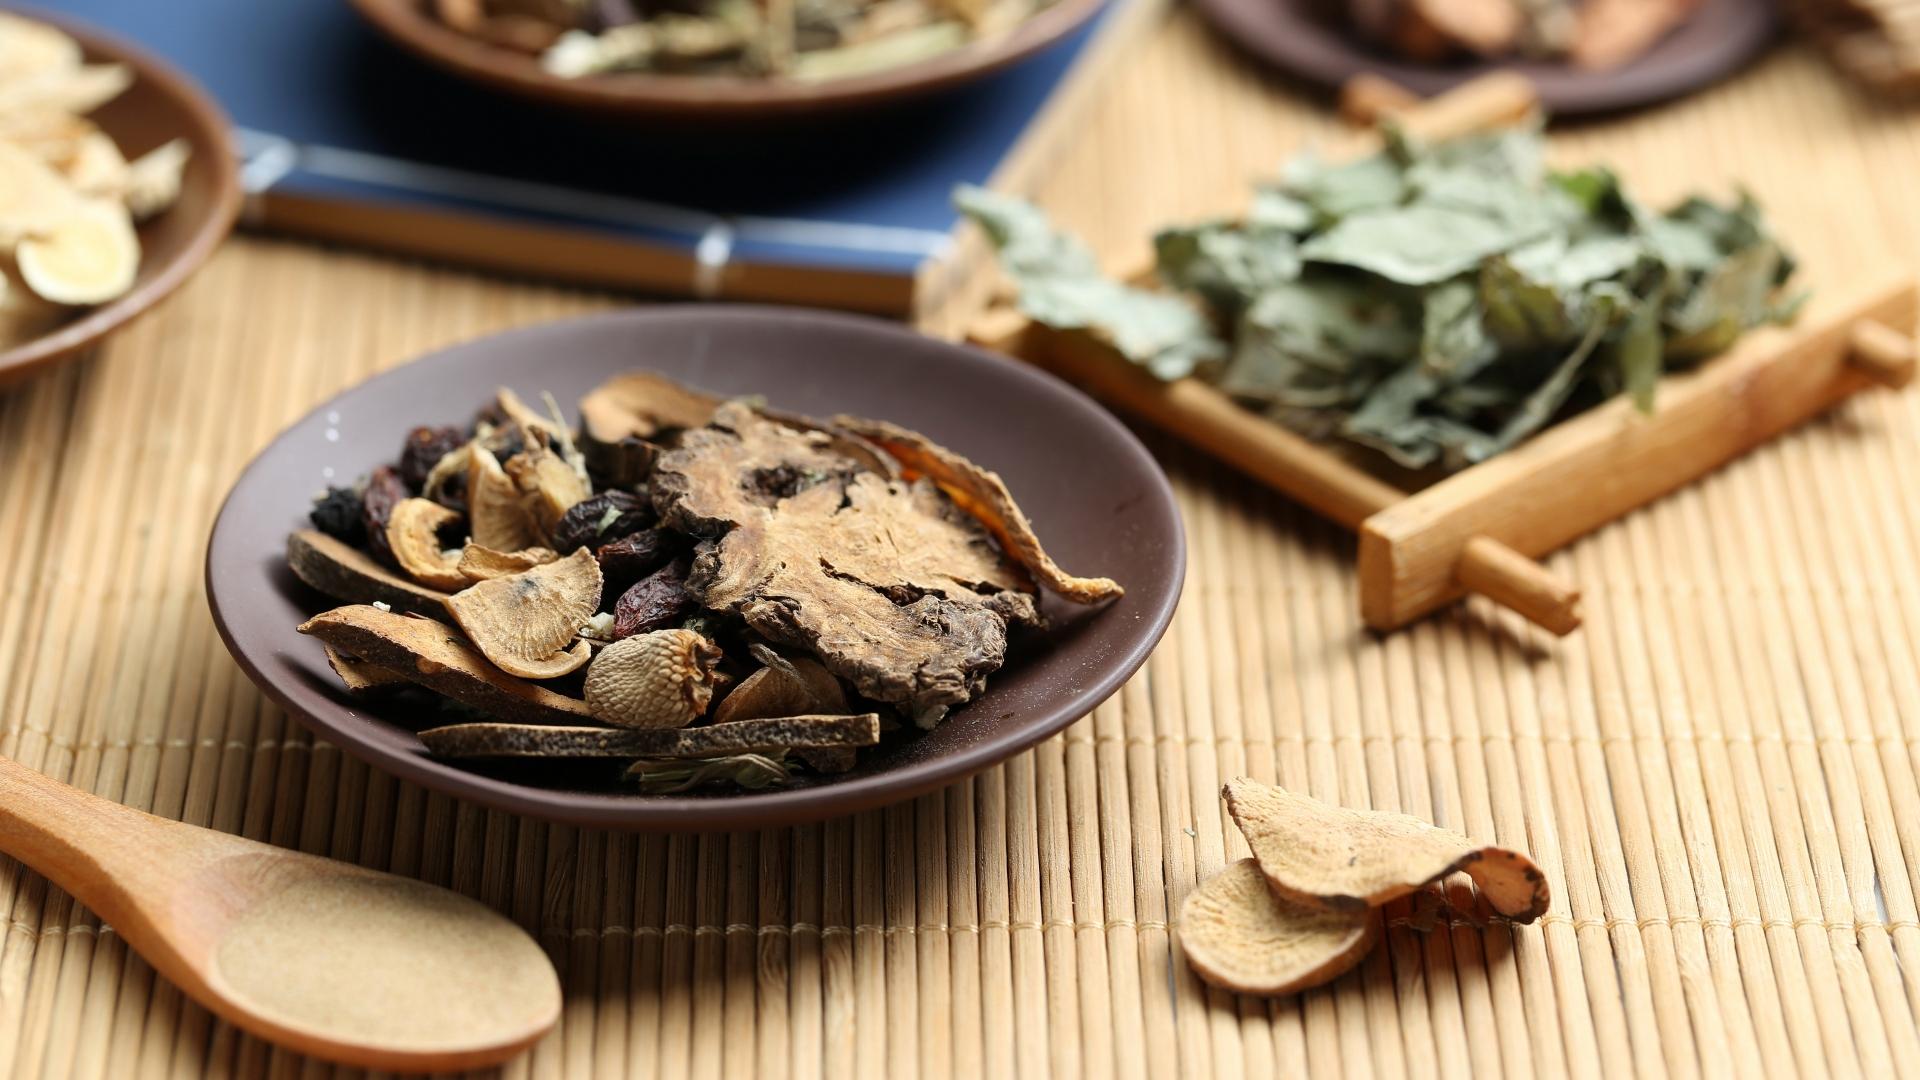 Produtos ajudam a limpar, desintoxicar e reduzir a umidade no pulmão